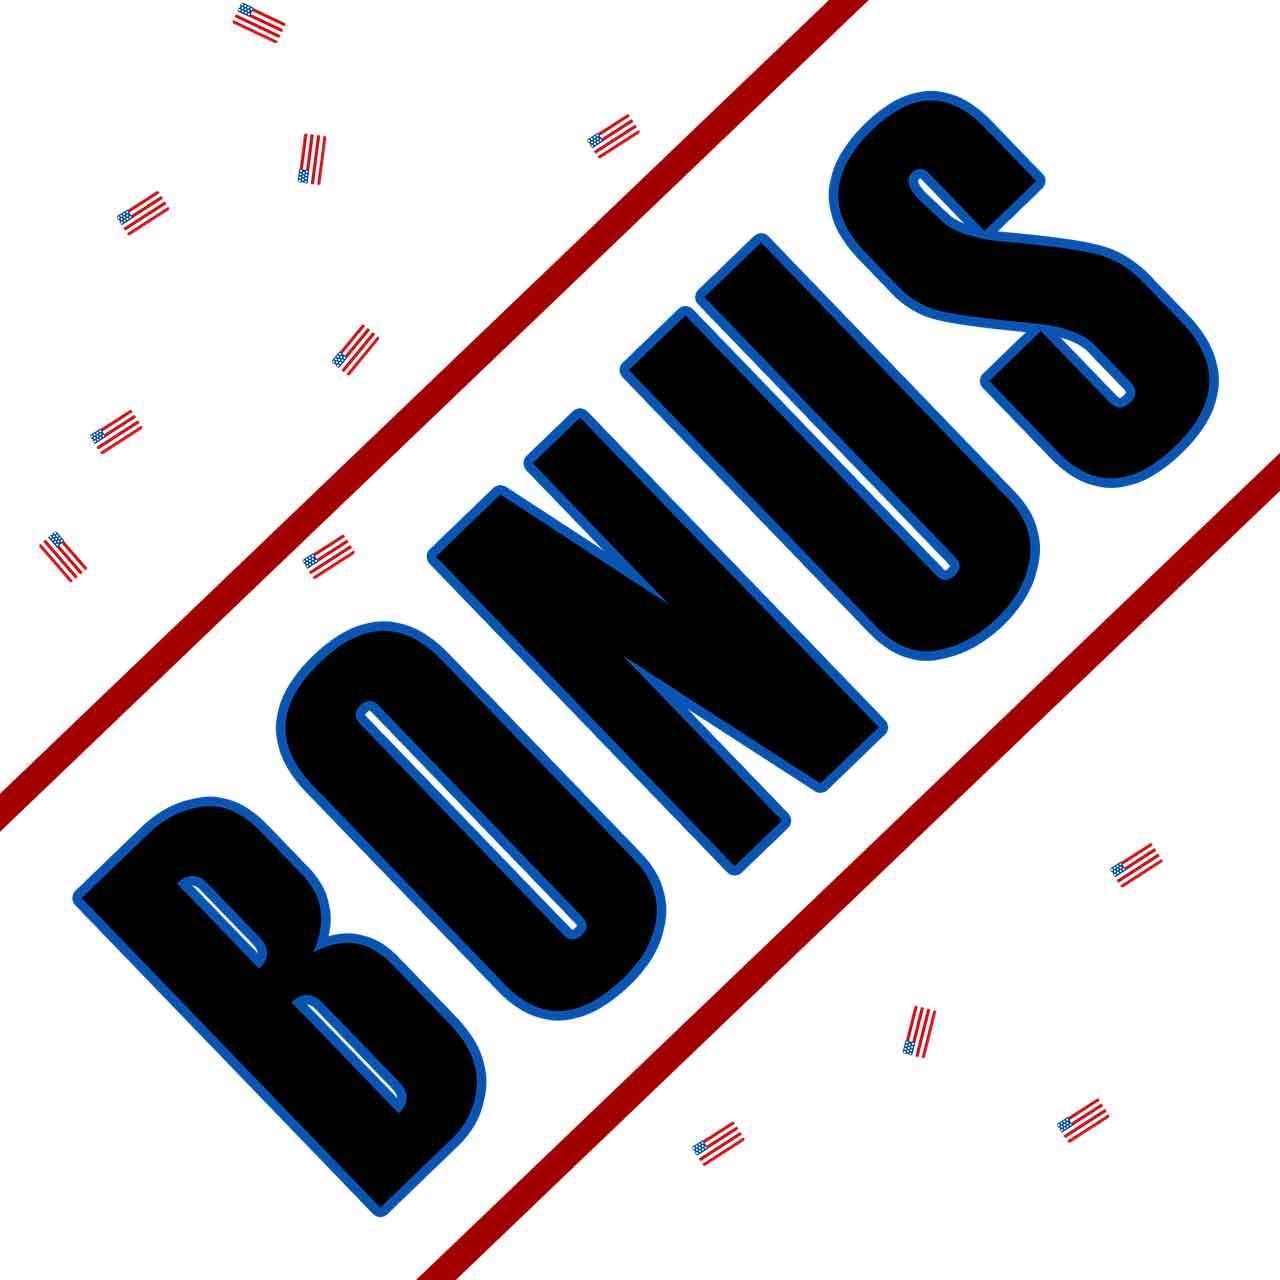 オンラインカジノで現金を稼ぐためのコツ「ボーナス」